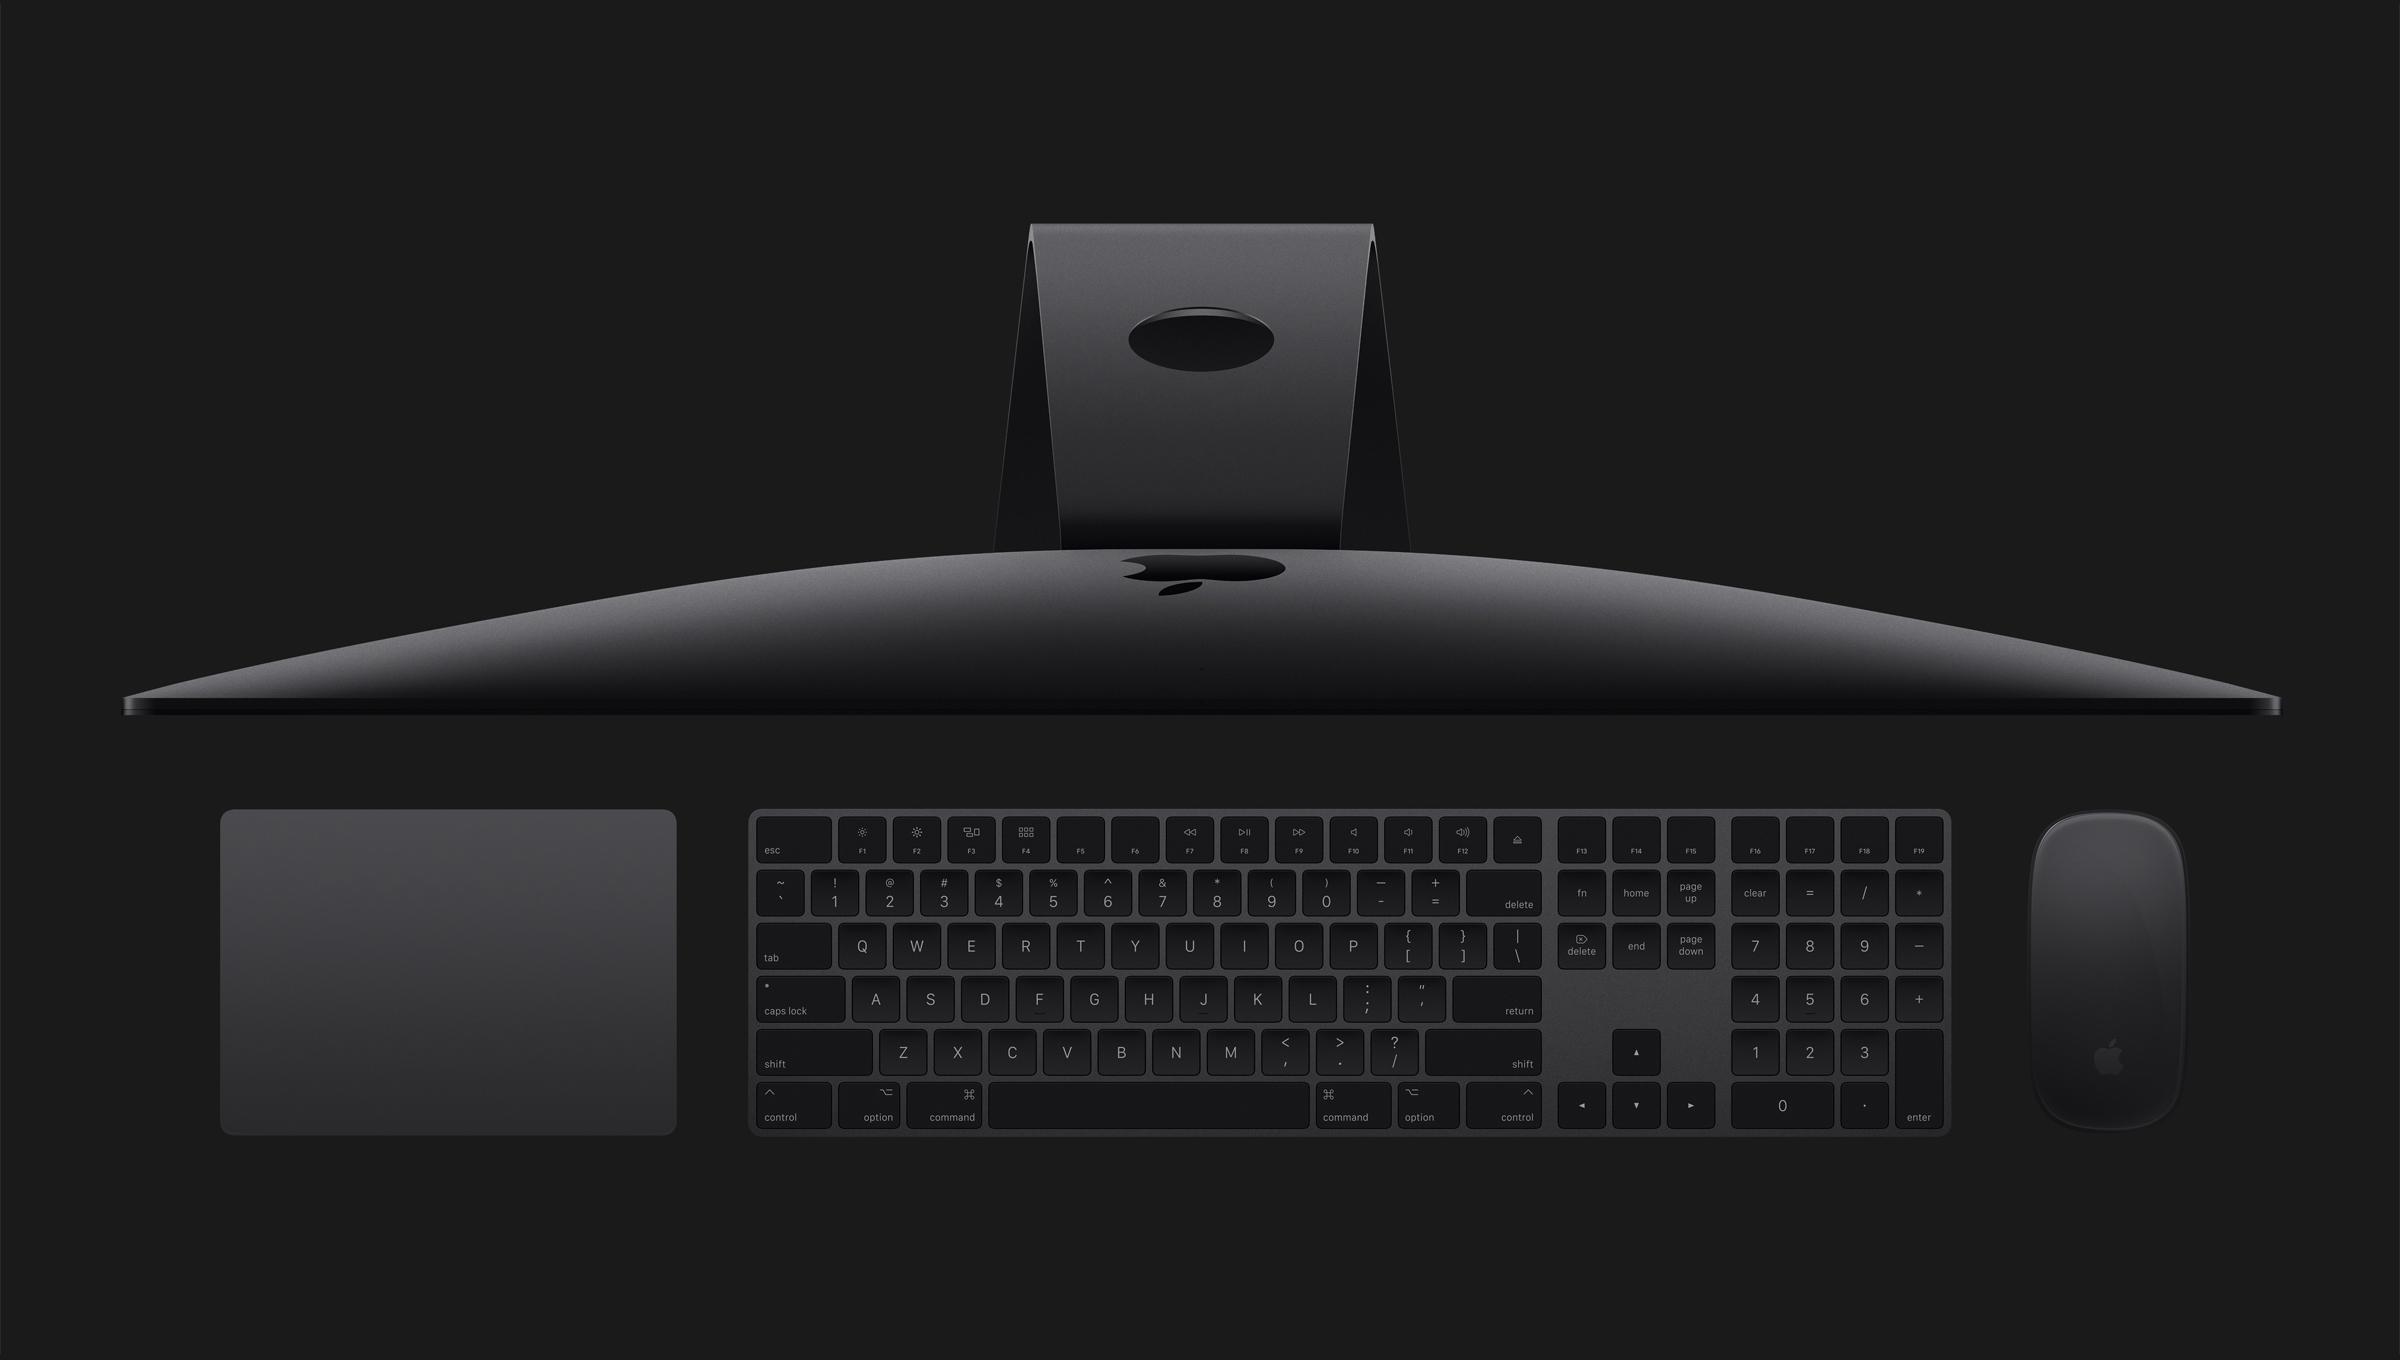 アップルがiMac Proを発表 - 18コアCPU、4TB SSDを搭載